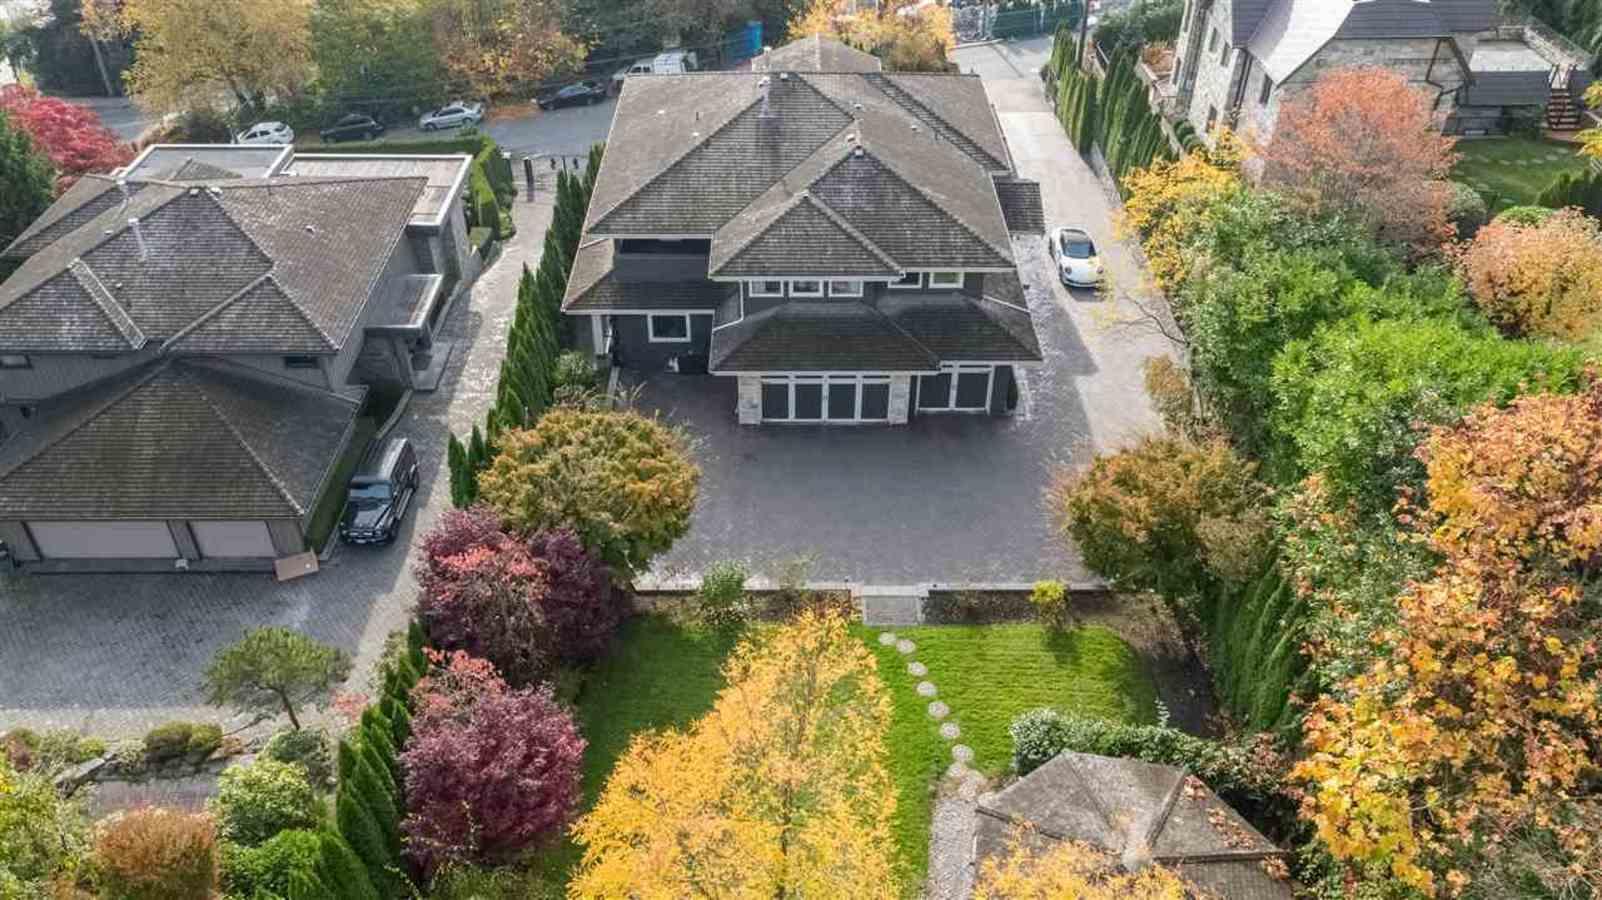 785-esquimalt-avenue-sentinel-hill-west-vancouver-20 at 785 Esquimalt Avenue, Sentinel Hill, West Vancouver